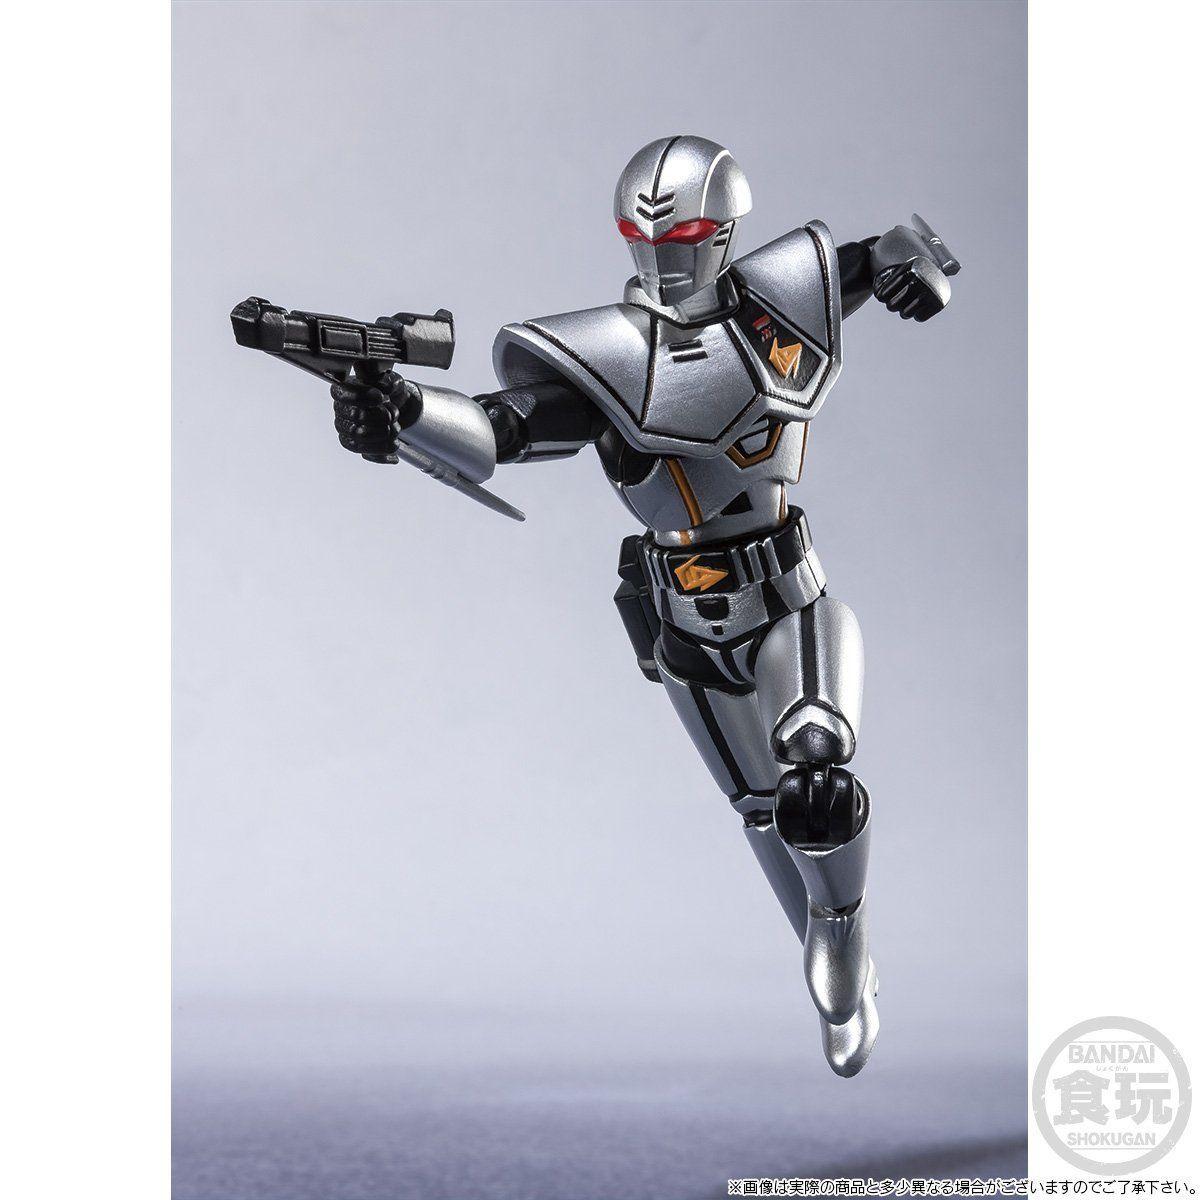 【限定販売】【食玩】SHODO SUPER『バイオハンター・シルバ』超電子バイオマン 可動フィギュア-006